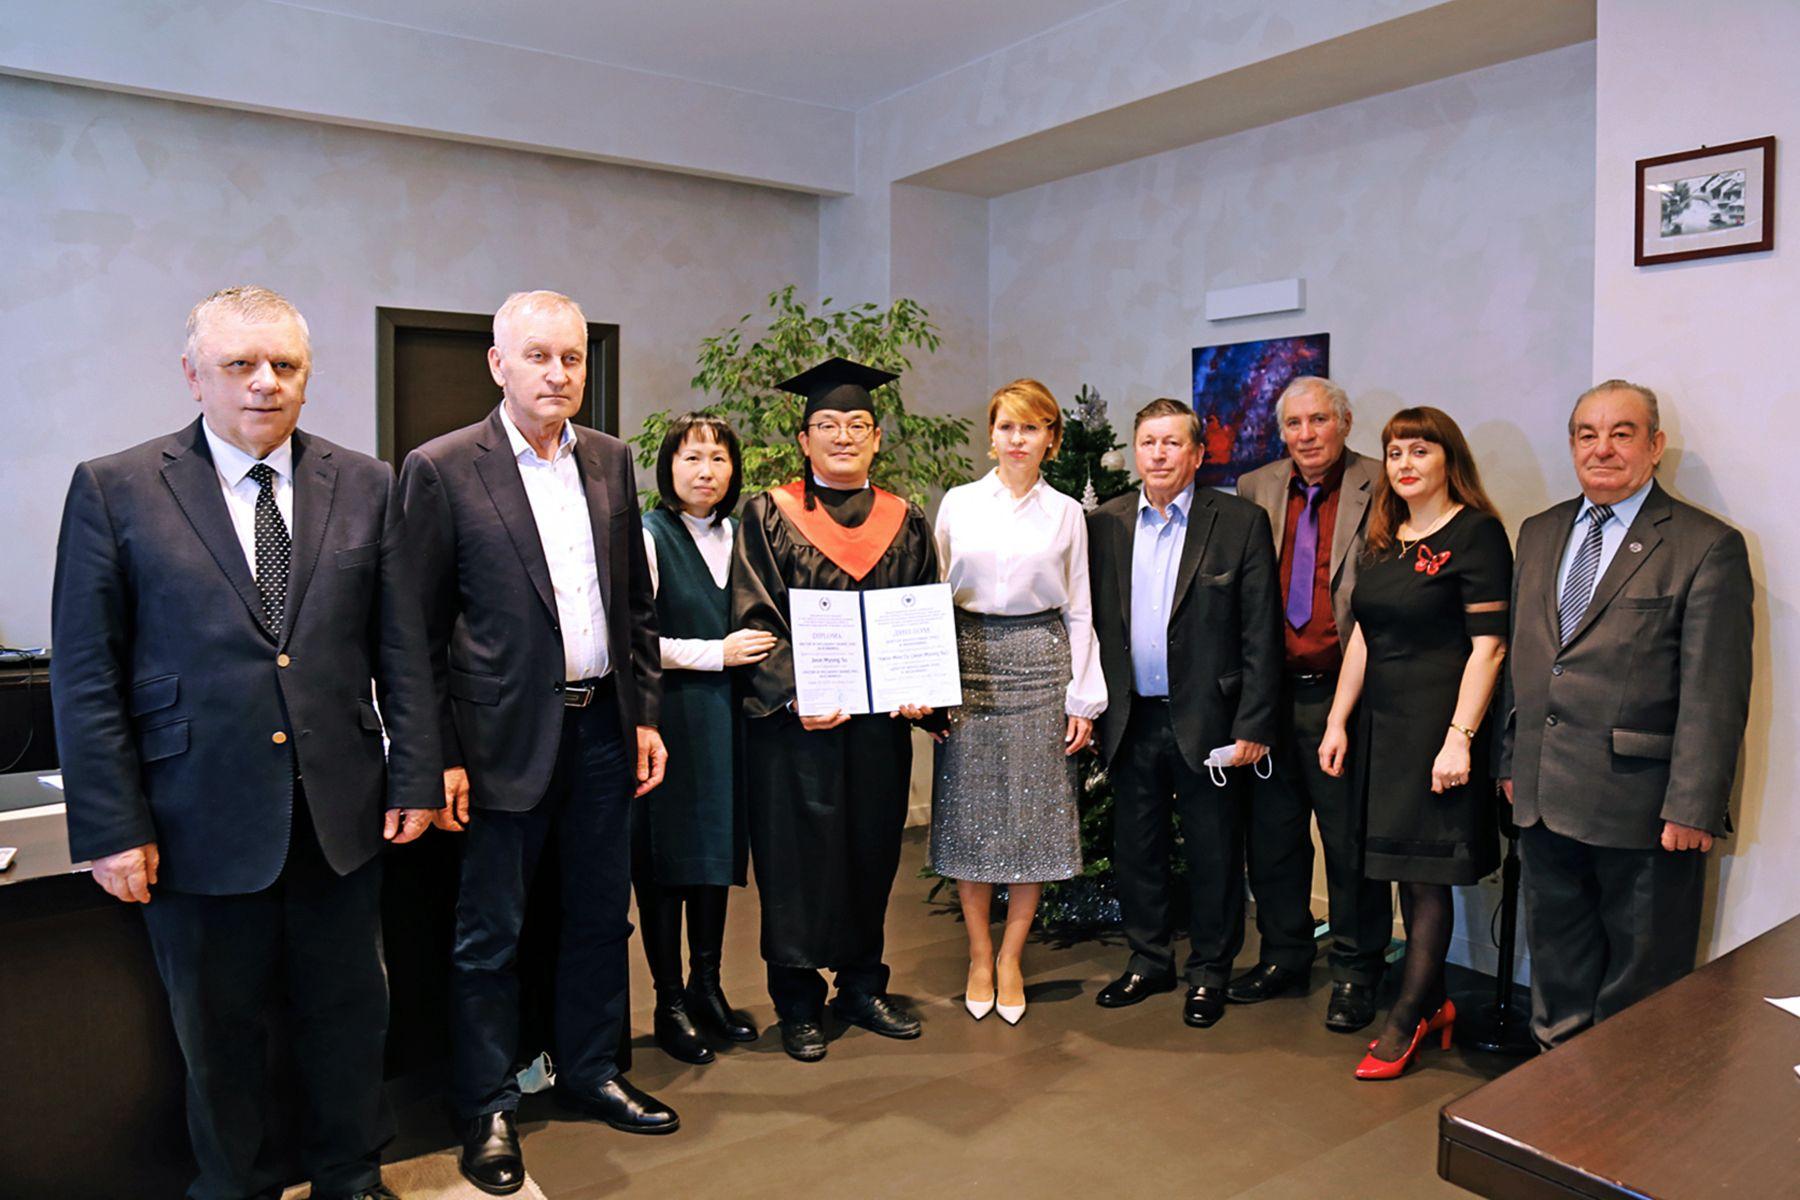 Первый выпуск PhD-программы во ВГУЭС: состоялось торжественное вручение дипломов иностранным выпускникам